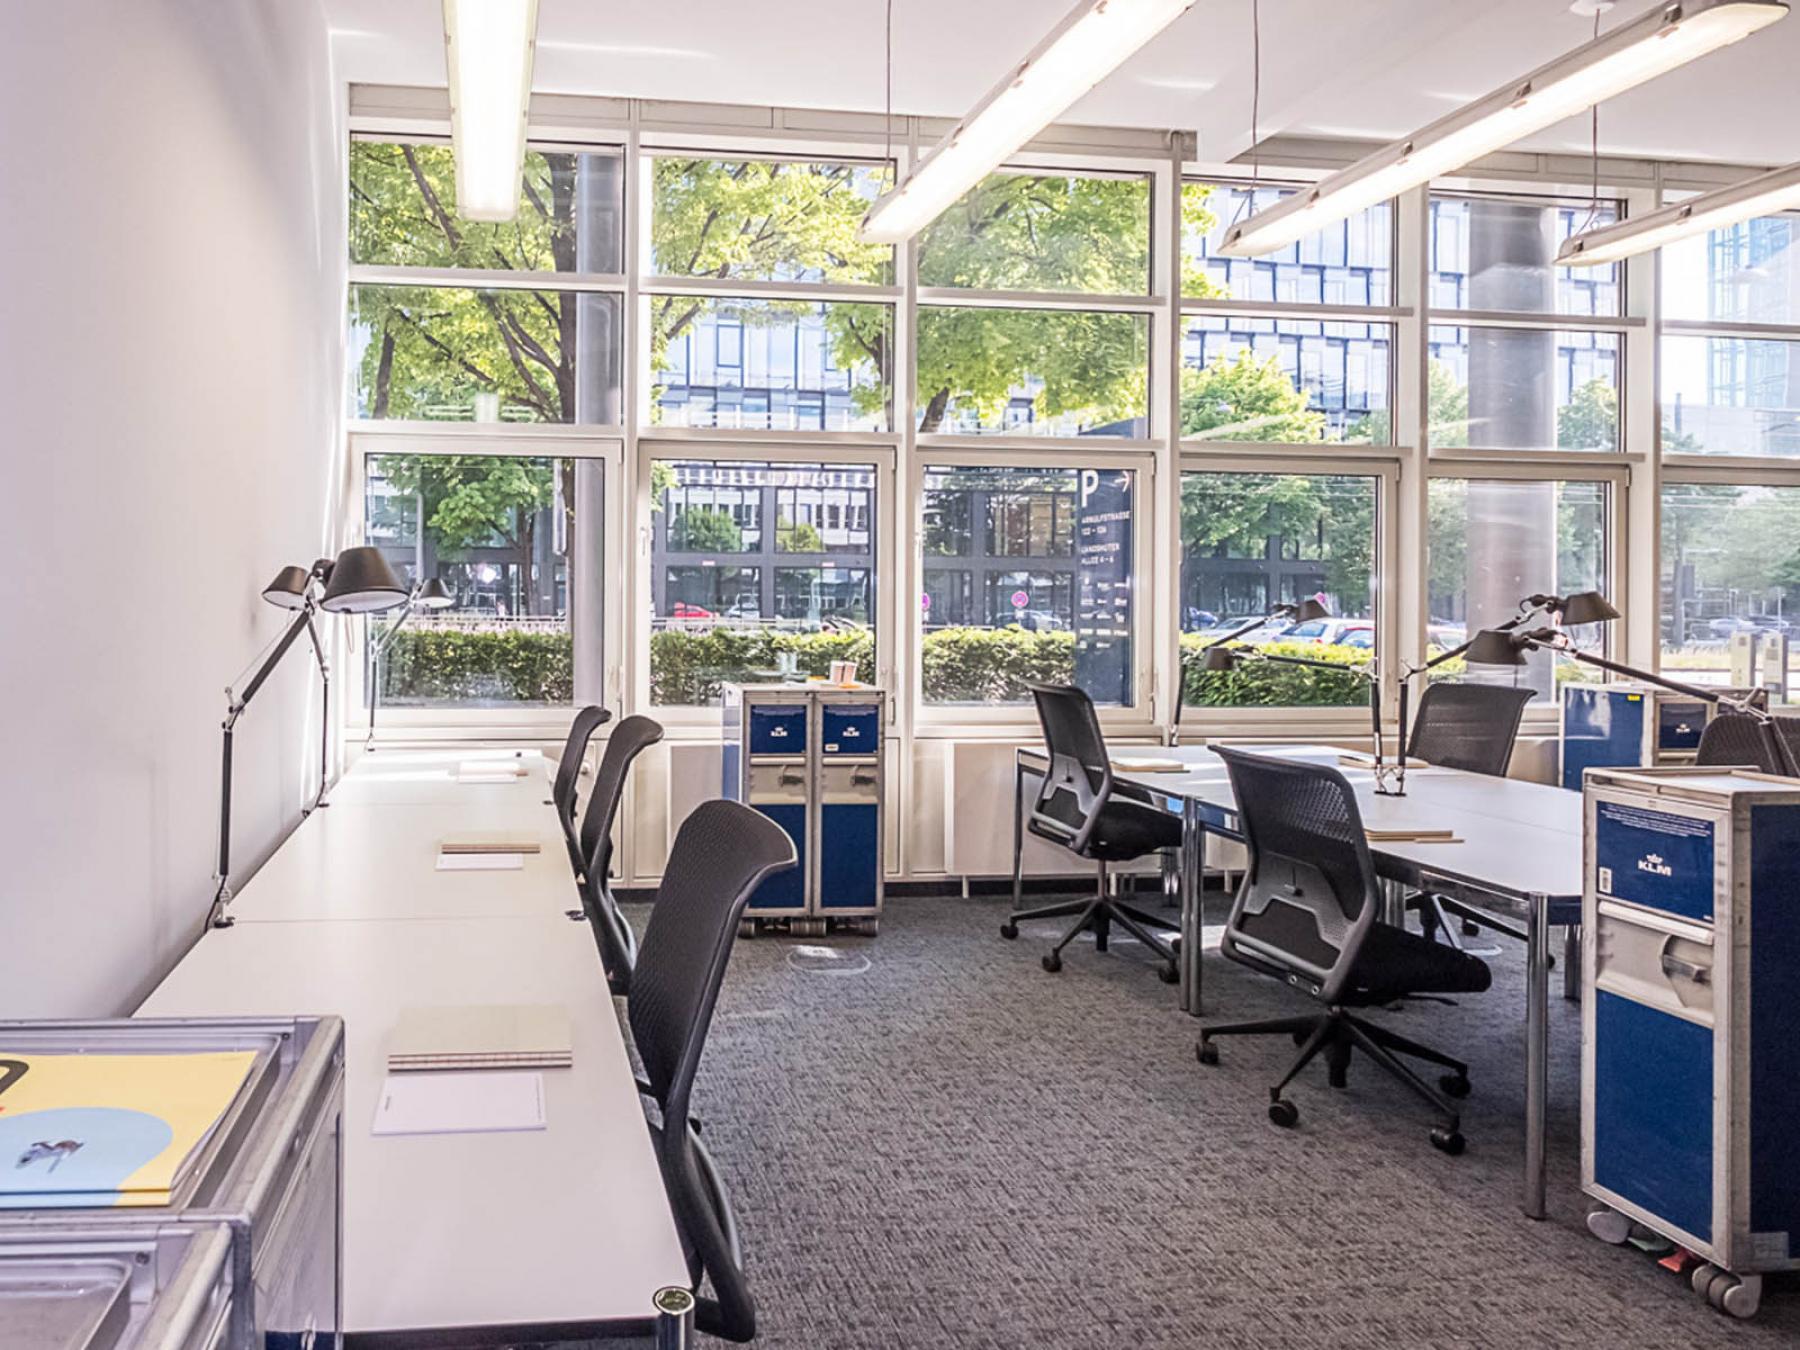 Arbeitsplätze in geräumigem Büro mit toller Aussicht